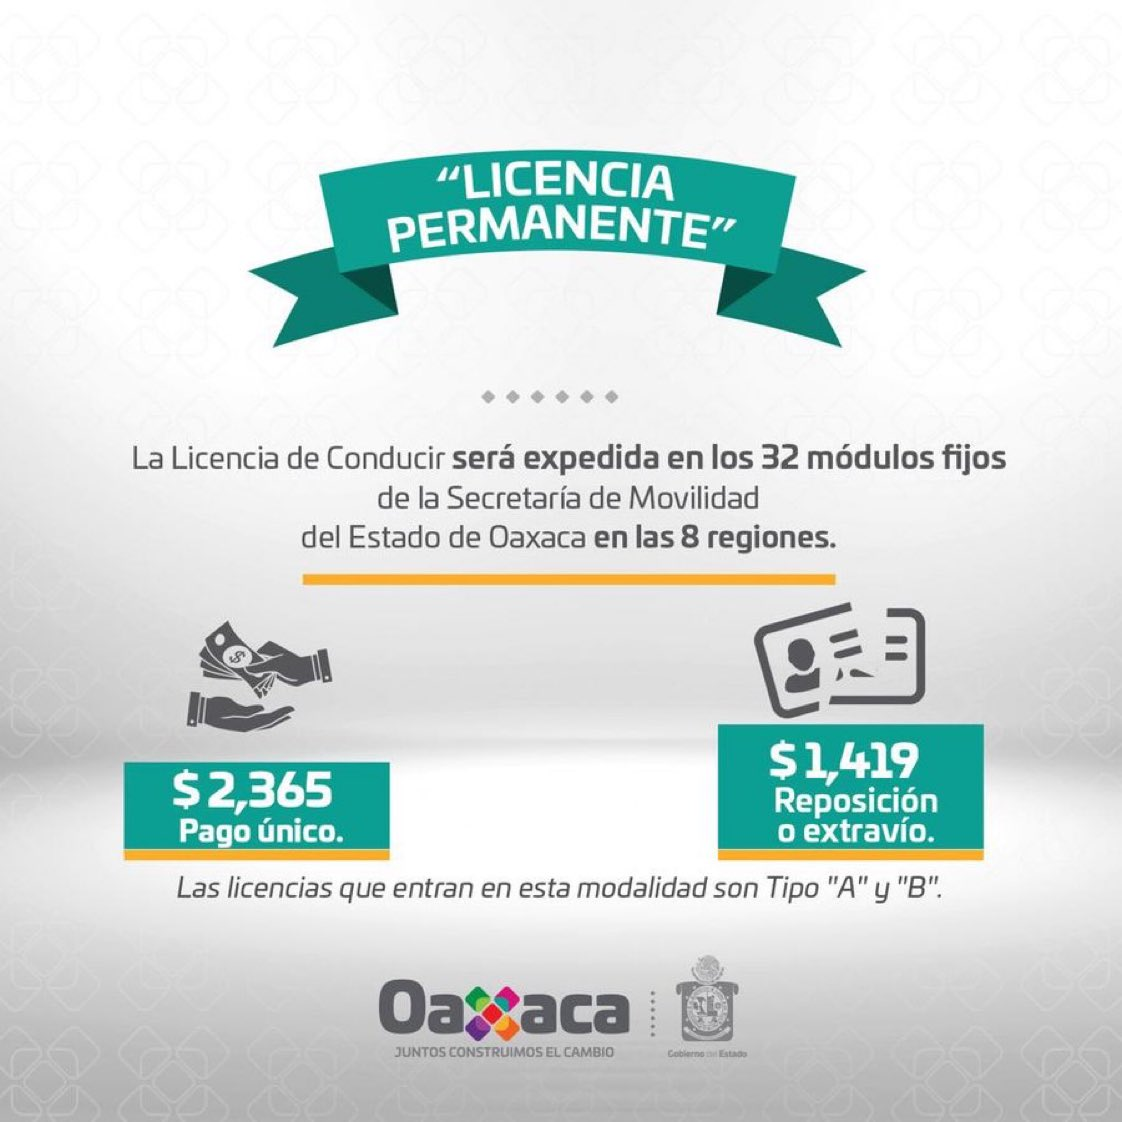 Sofy Valdivia On Twitter Acude A Cualquiera De Los 32